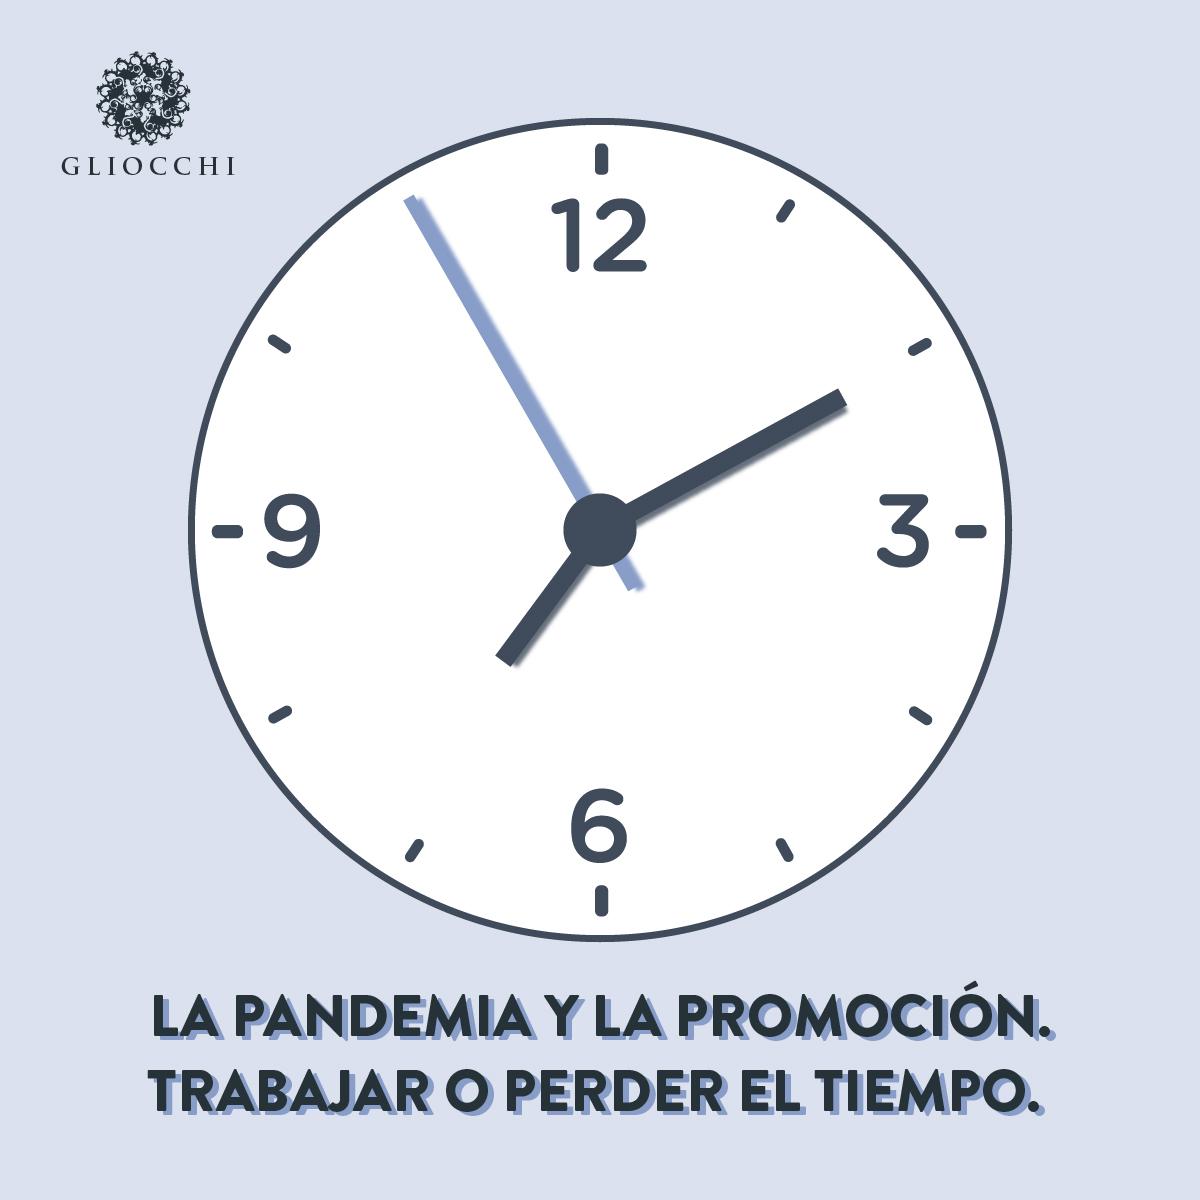 La Pandemia y la promoción. Trabajar o perder el tiempo.